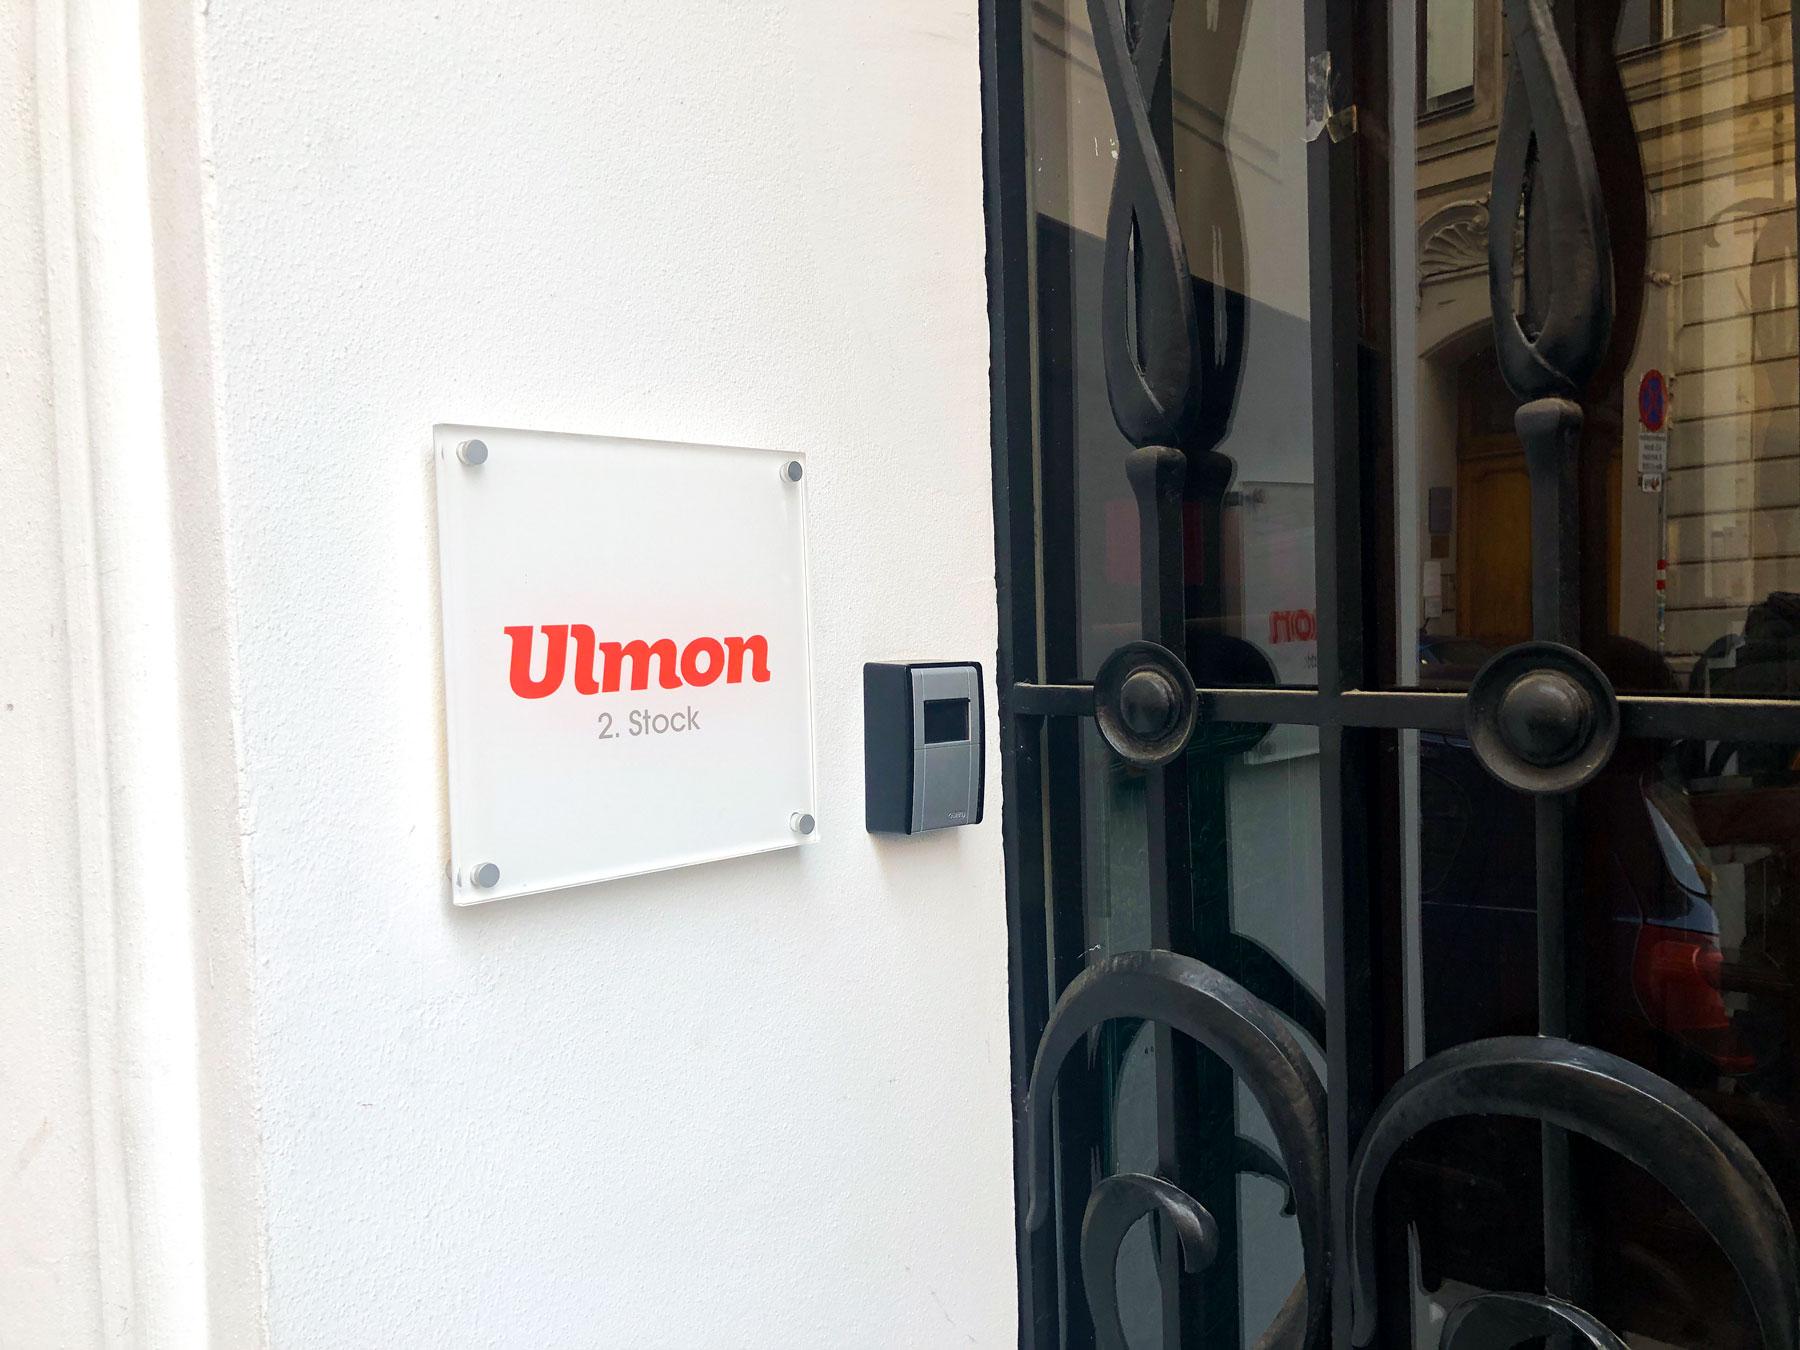 Door Ulmon Office